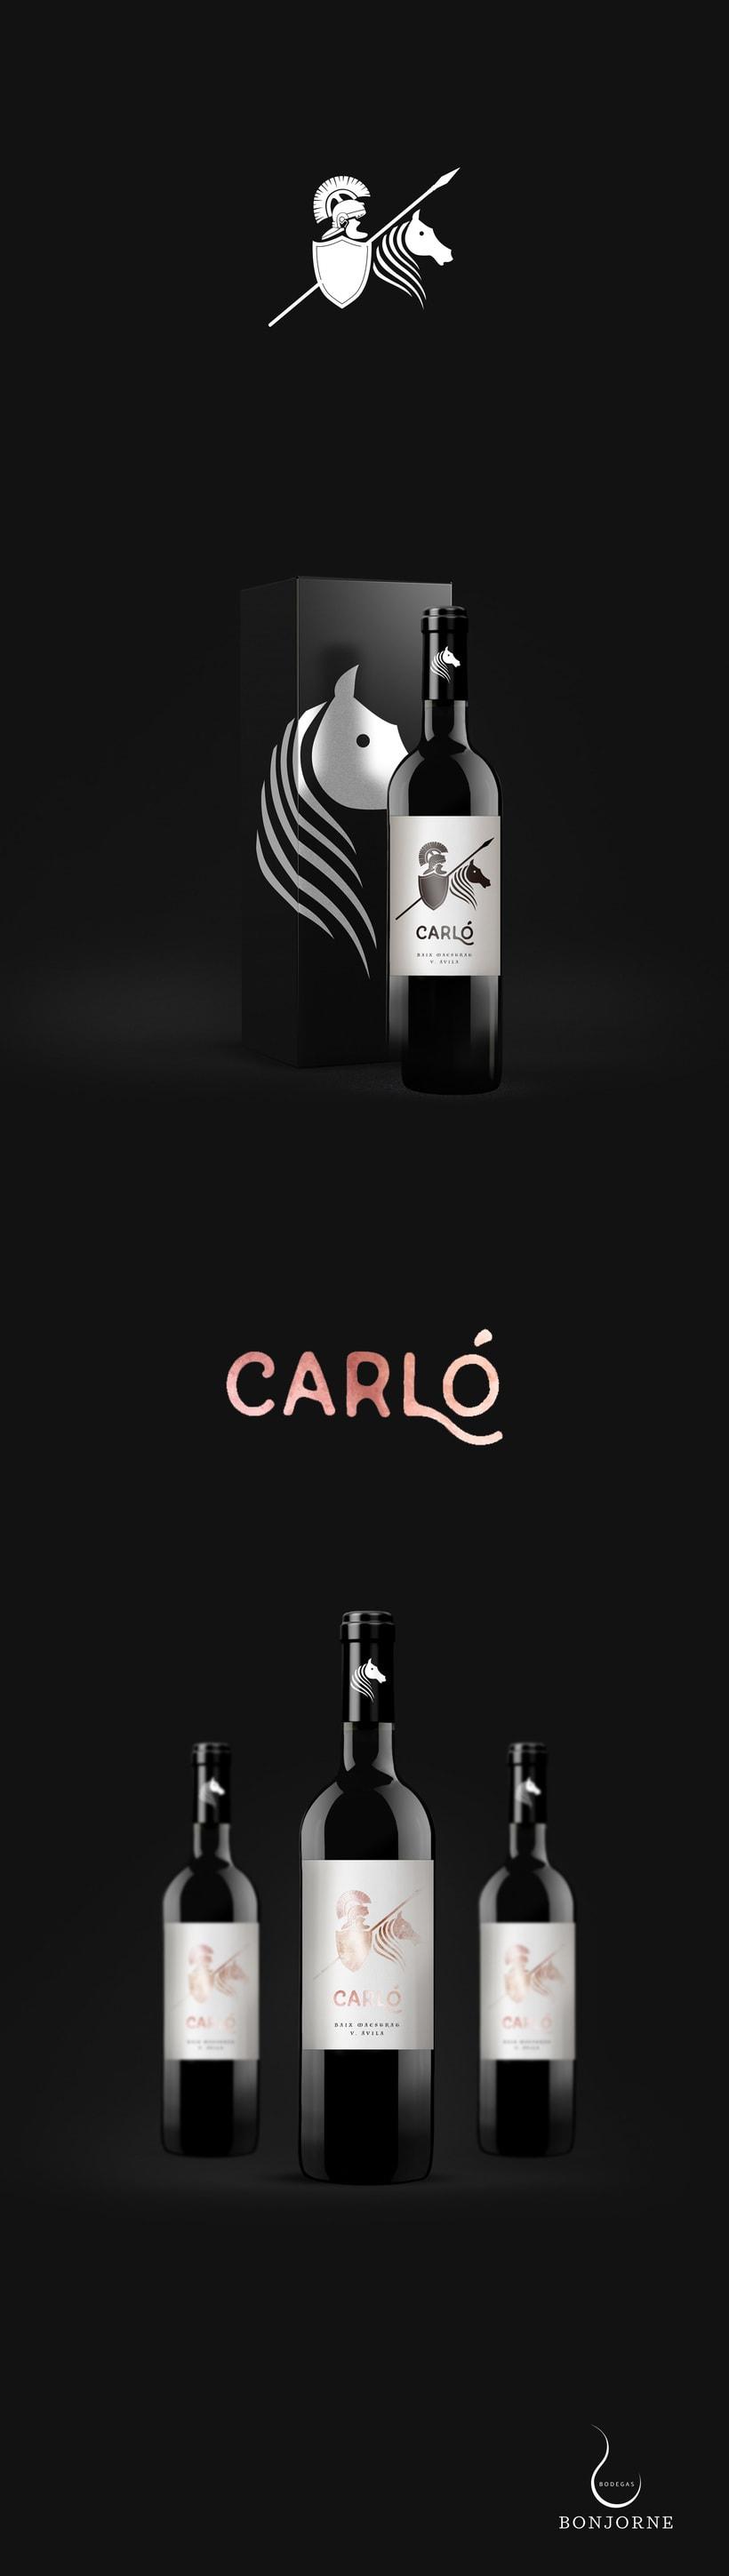 Diseño etiqueta de vino Carló · Bodegas Bonjorne -1